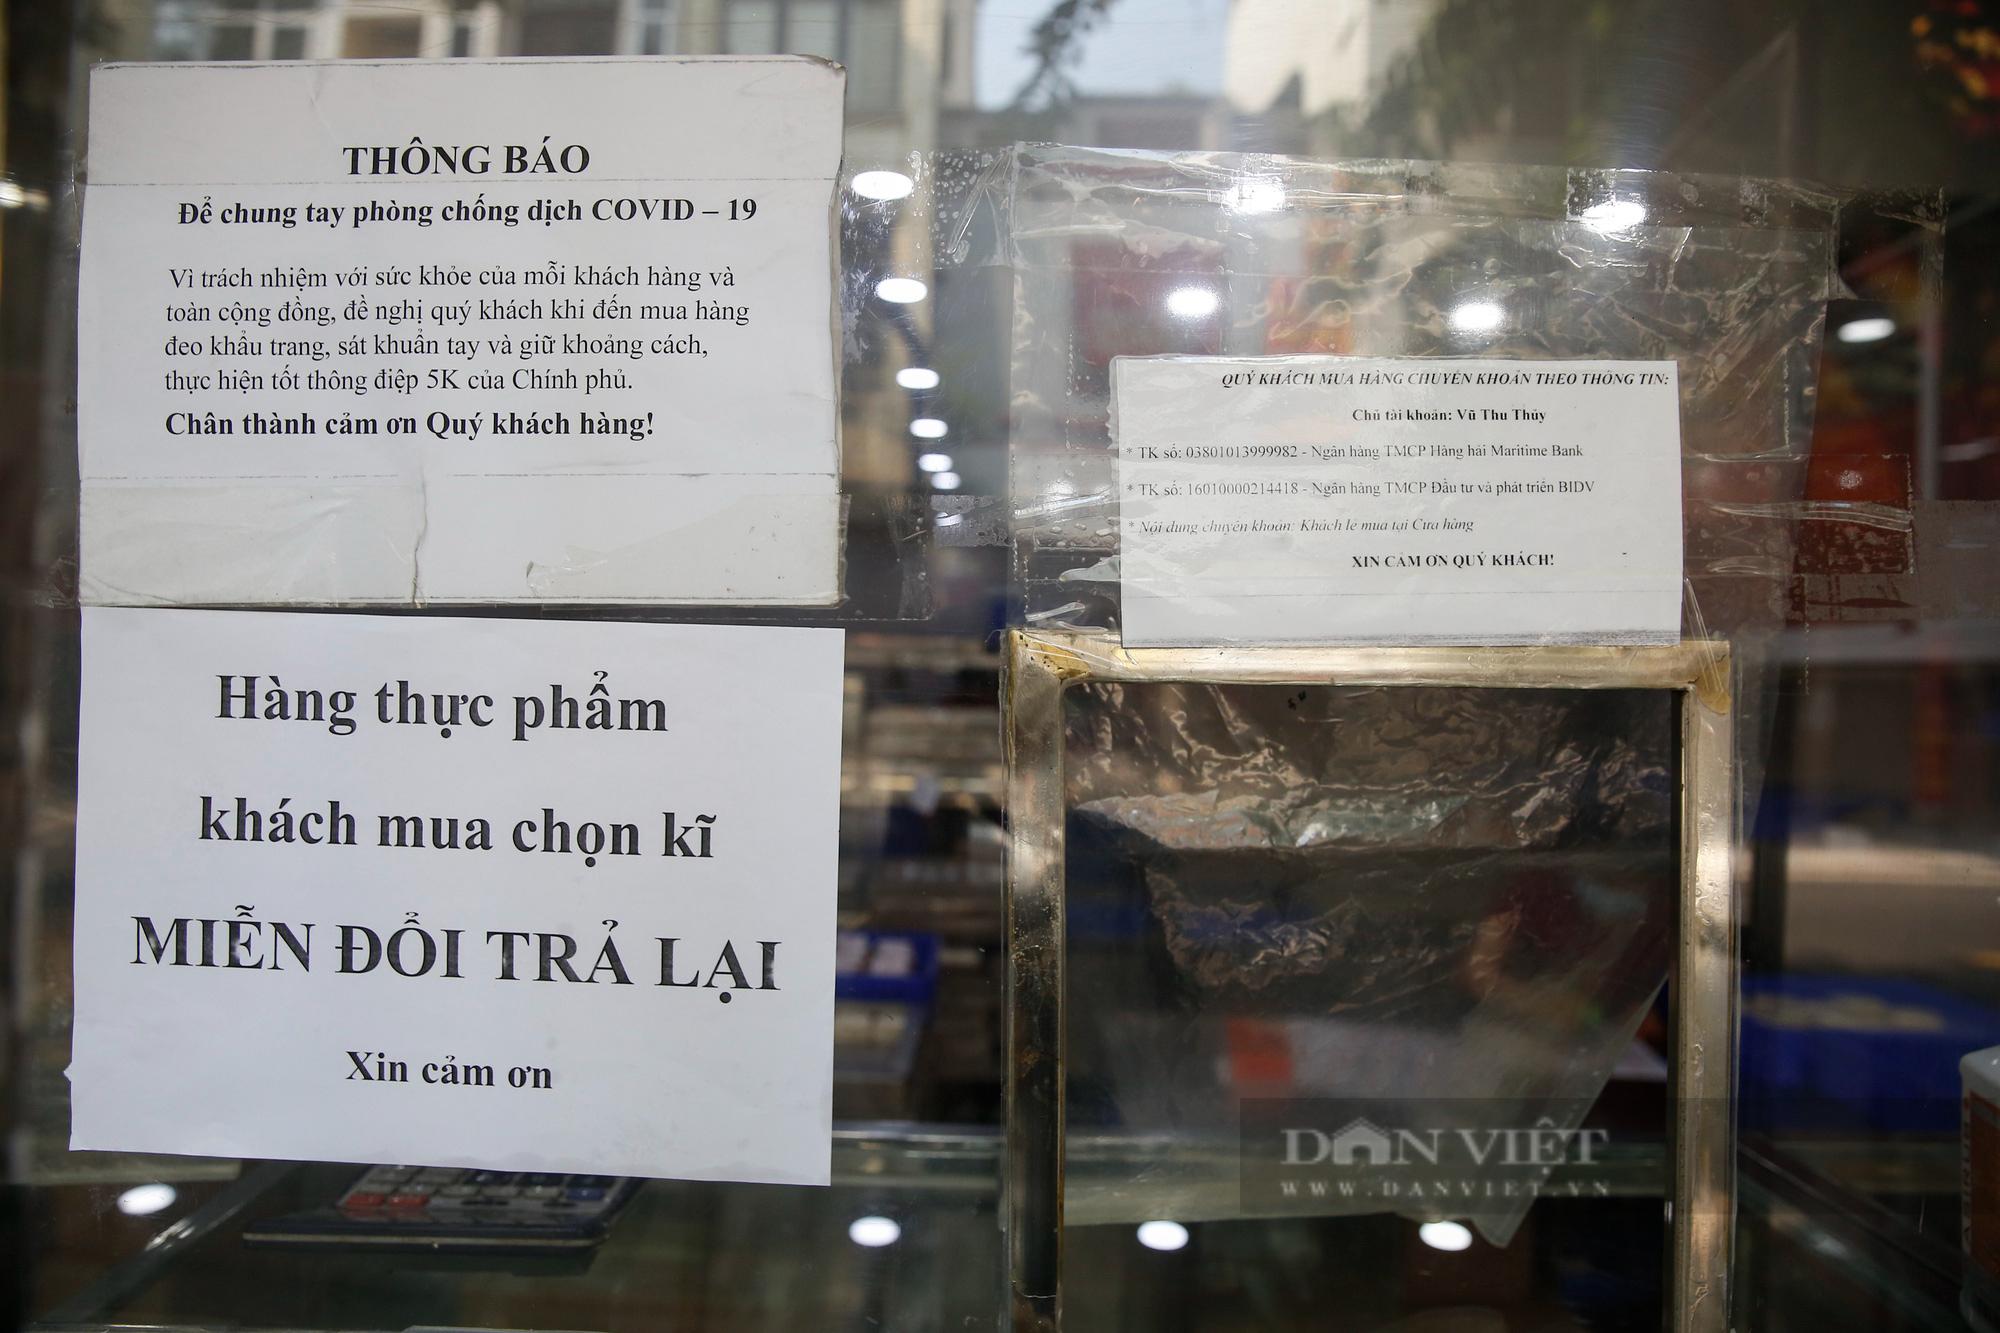 Thị trường bánh trung thu ảm đạm, cơ sở sản xuất loay hoay tìm kênh online - Ảnh 3.